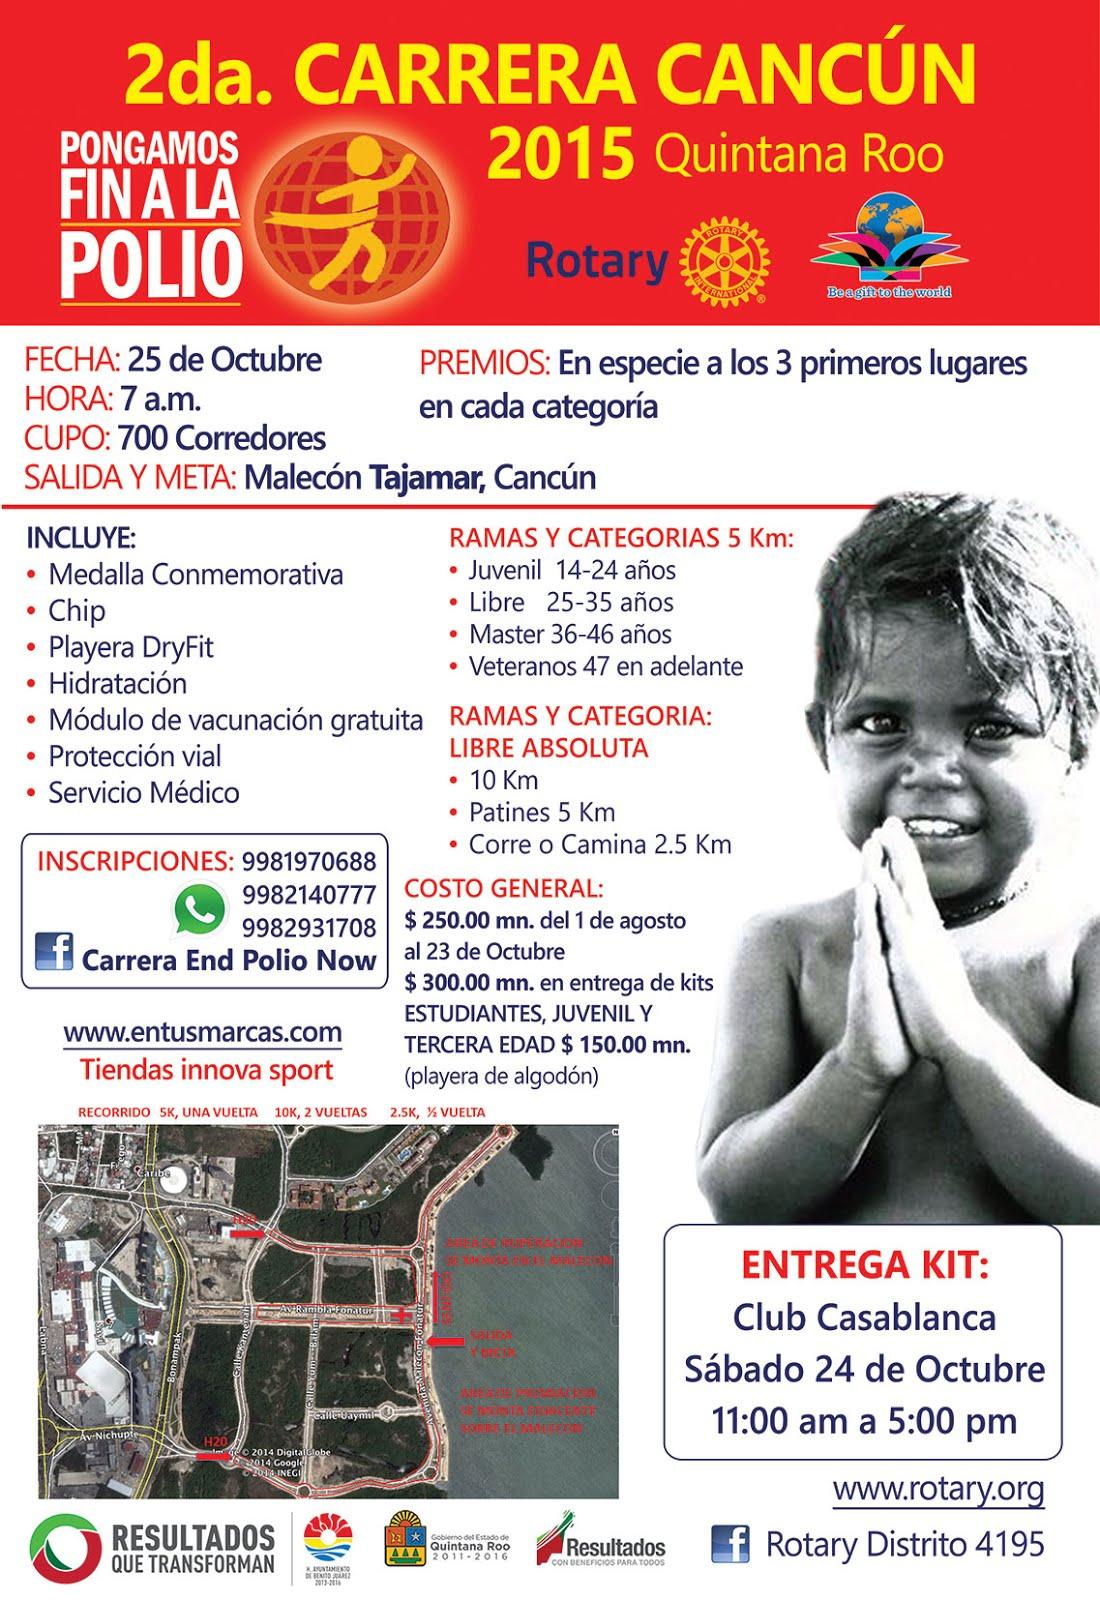 2 da carrera Pongamos fin a la polio